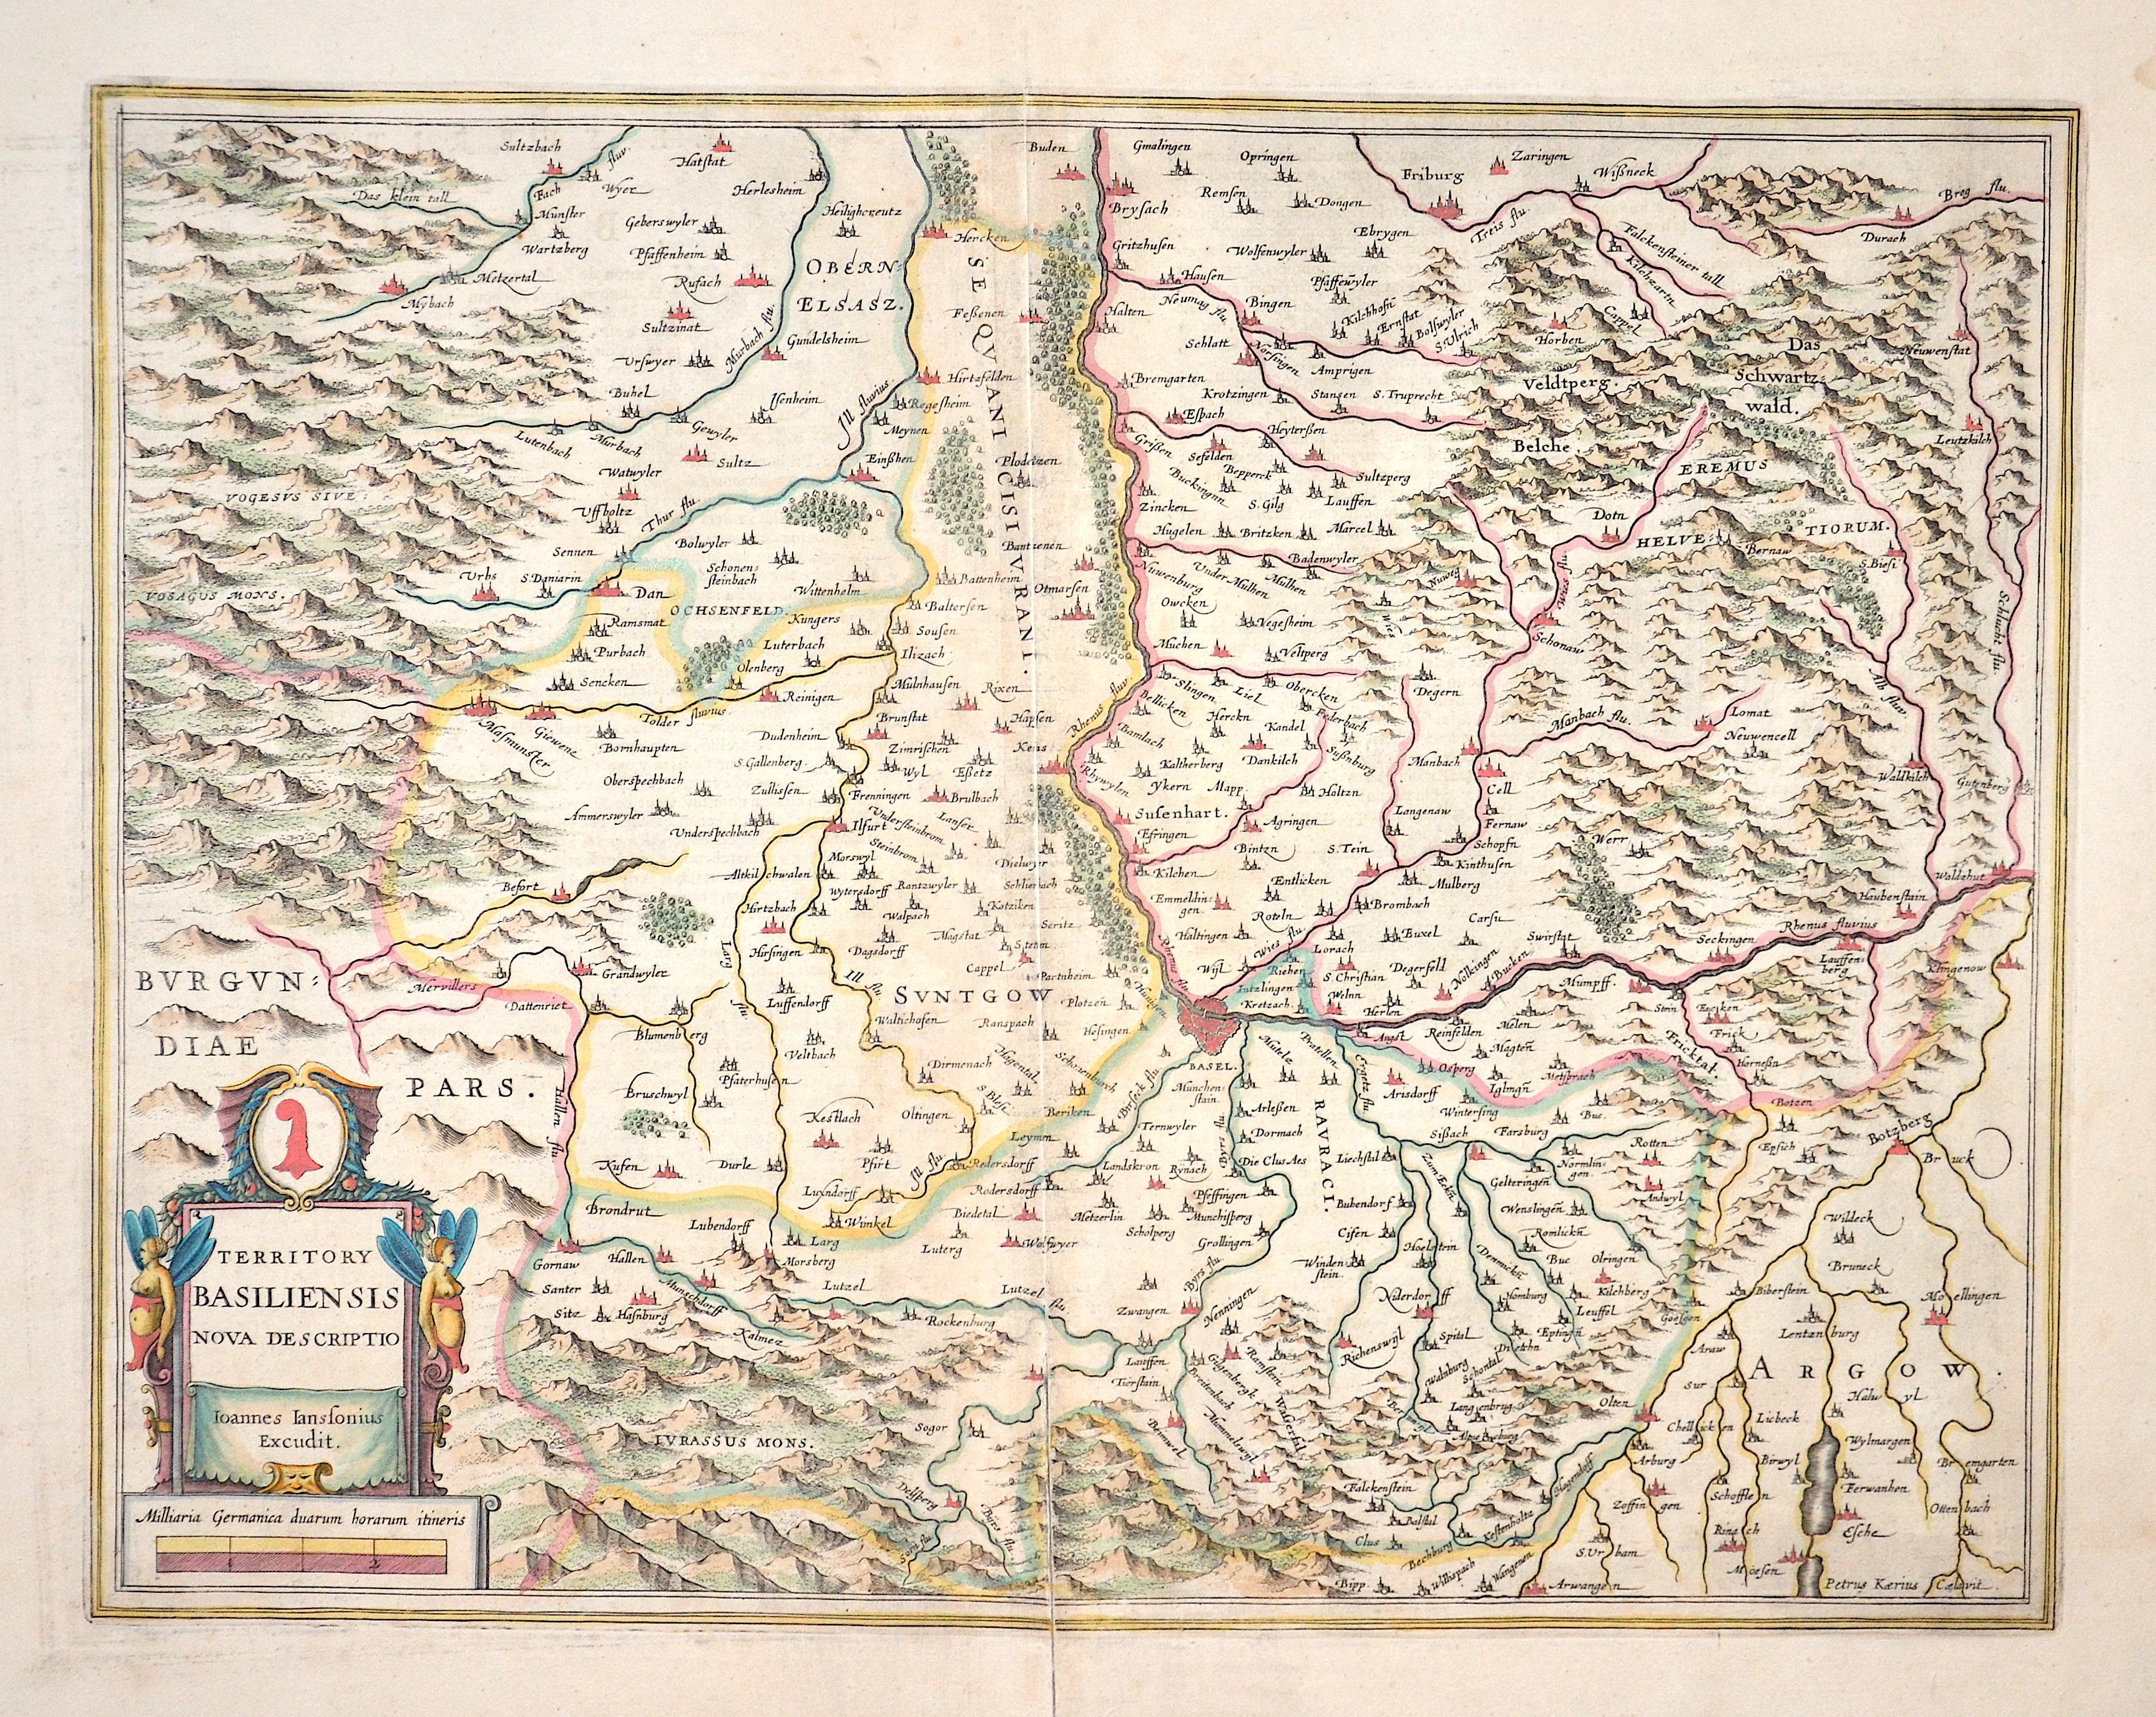 Janssonius/Kaerius Johann Terrotory Basliliensis nova descriptio